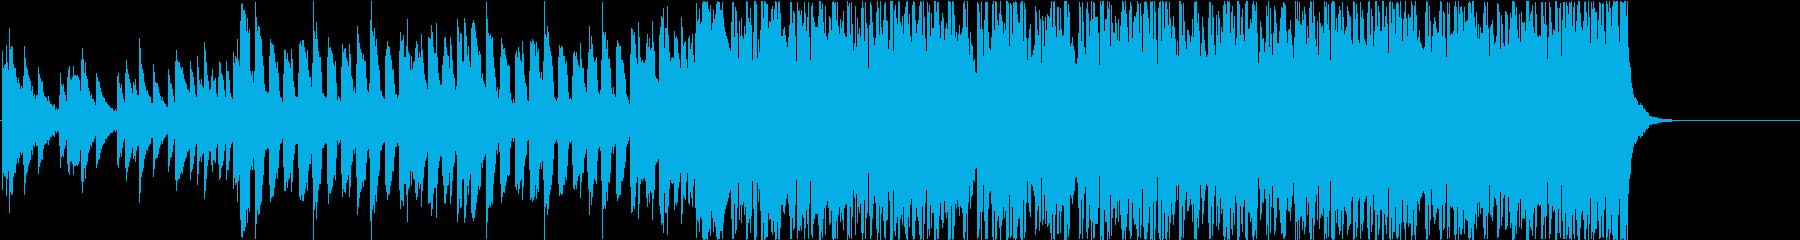 ピアノとシンセで叙情的な最終回のBGMの再生済みの波形